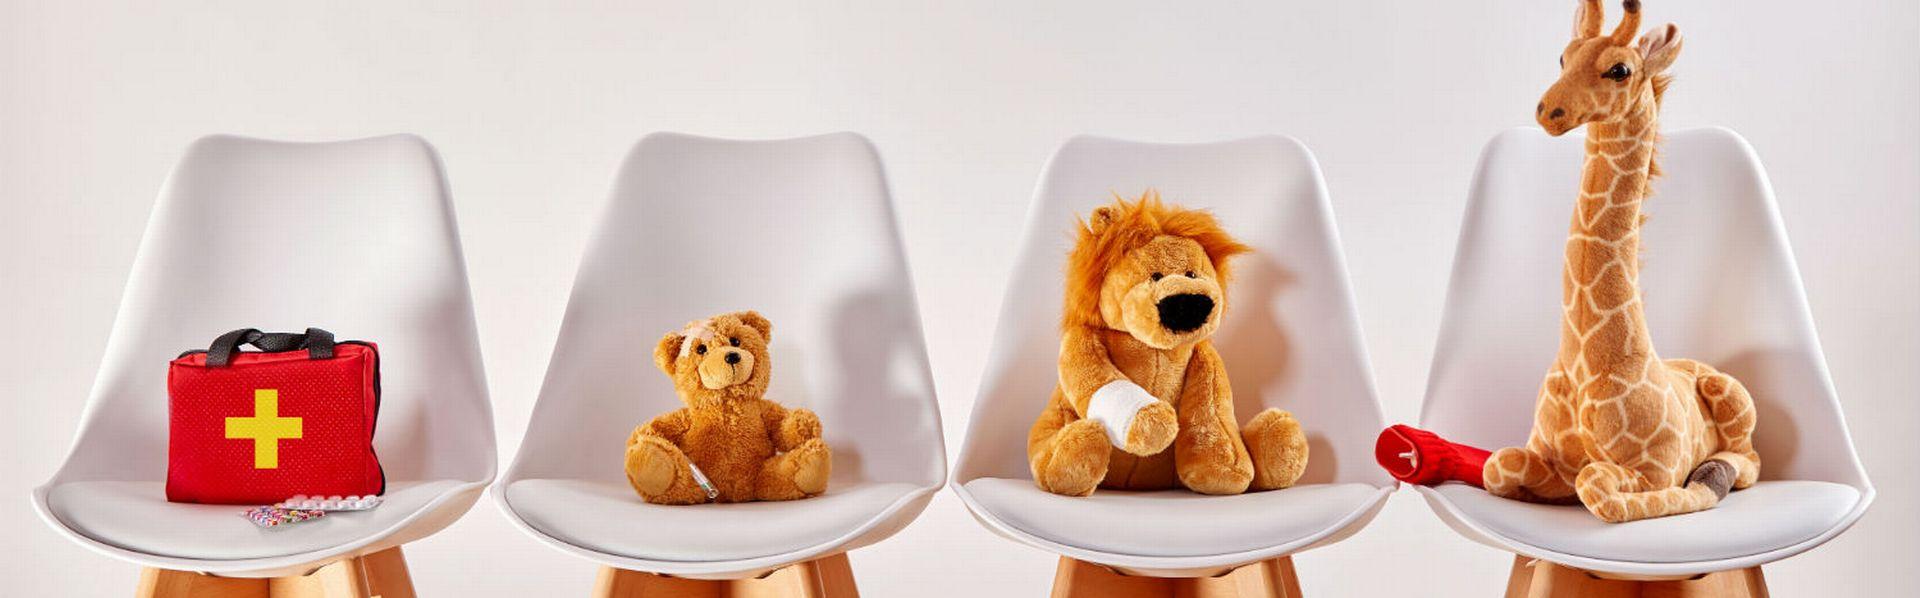 Le dossier sur l'hôpital expliqué aux enfants de RTS Découverte [© exclusive-design - Fotolia]